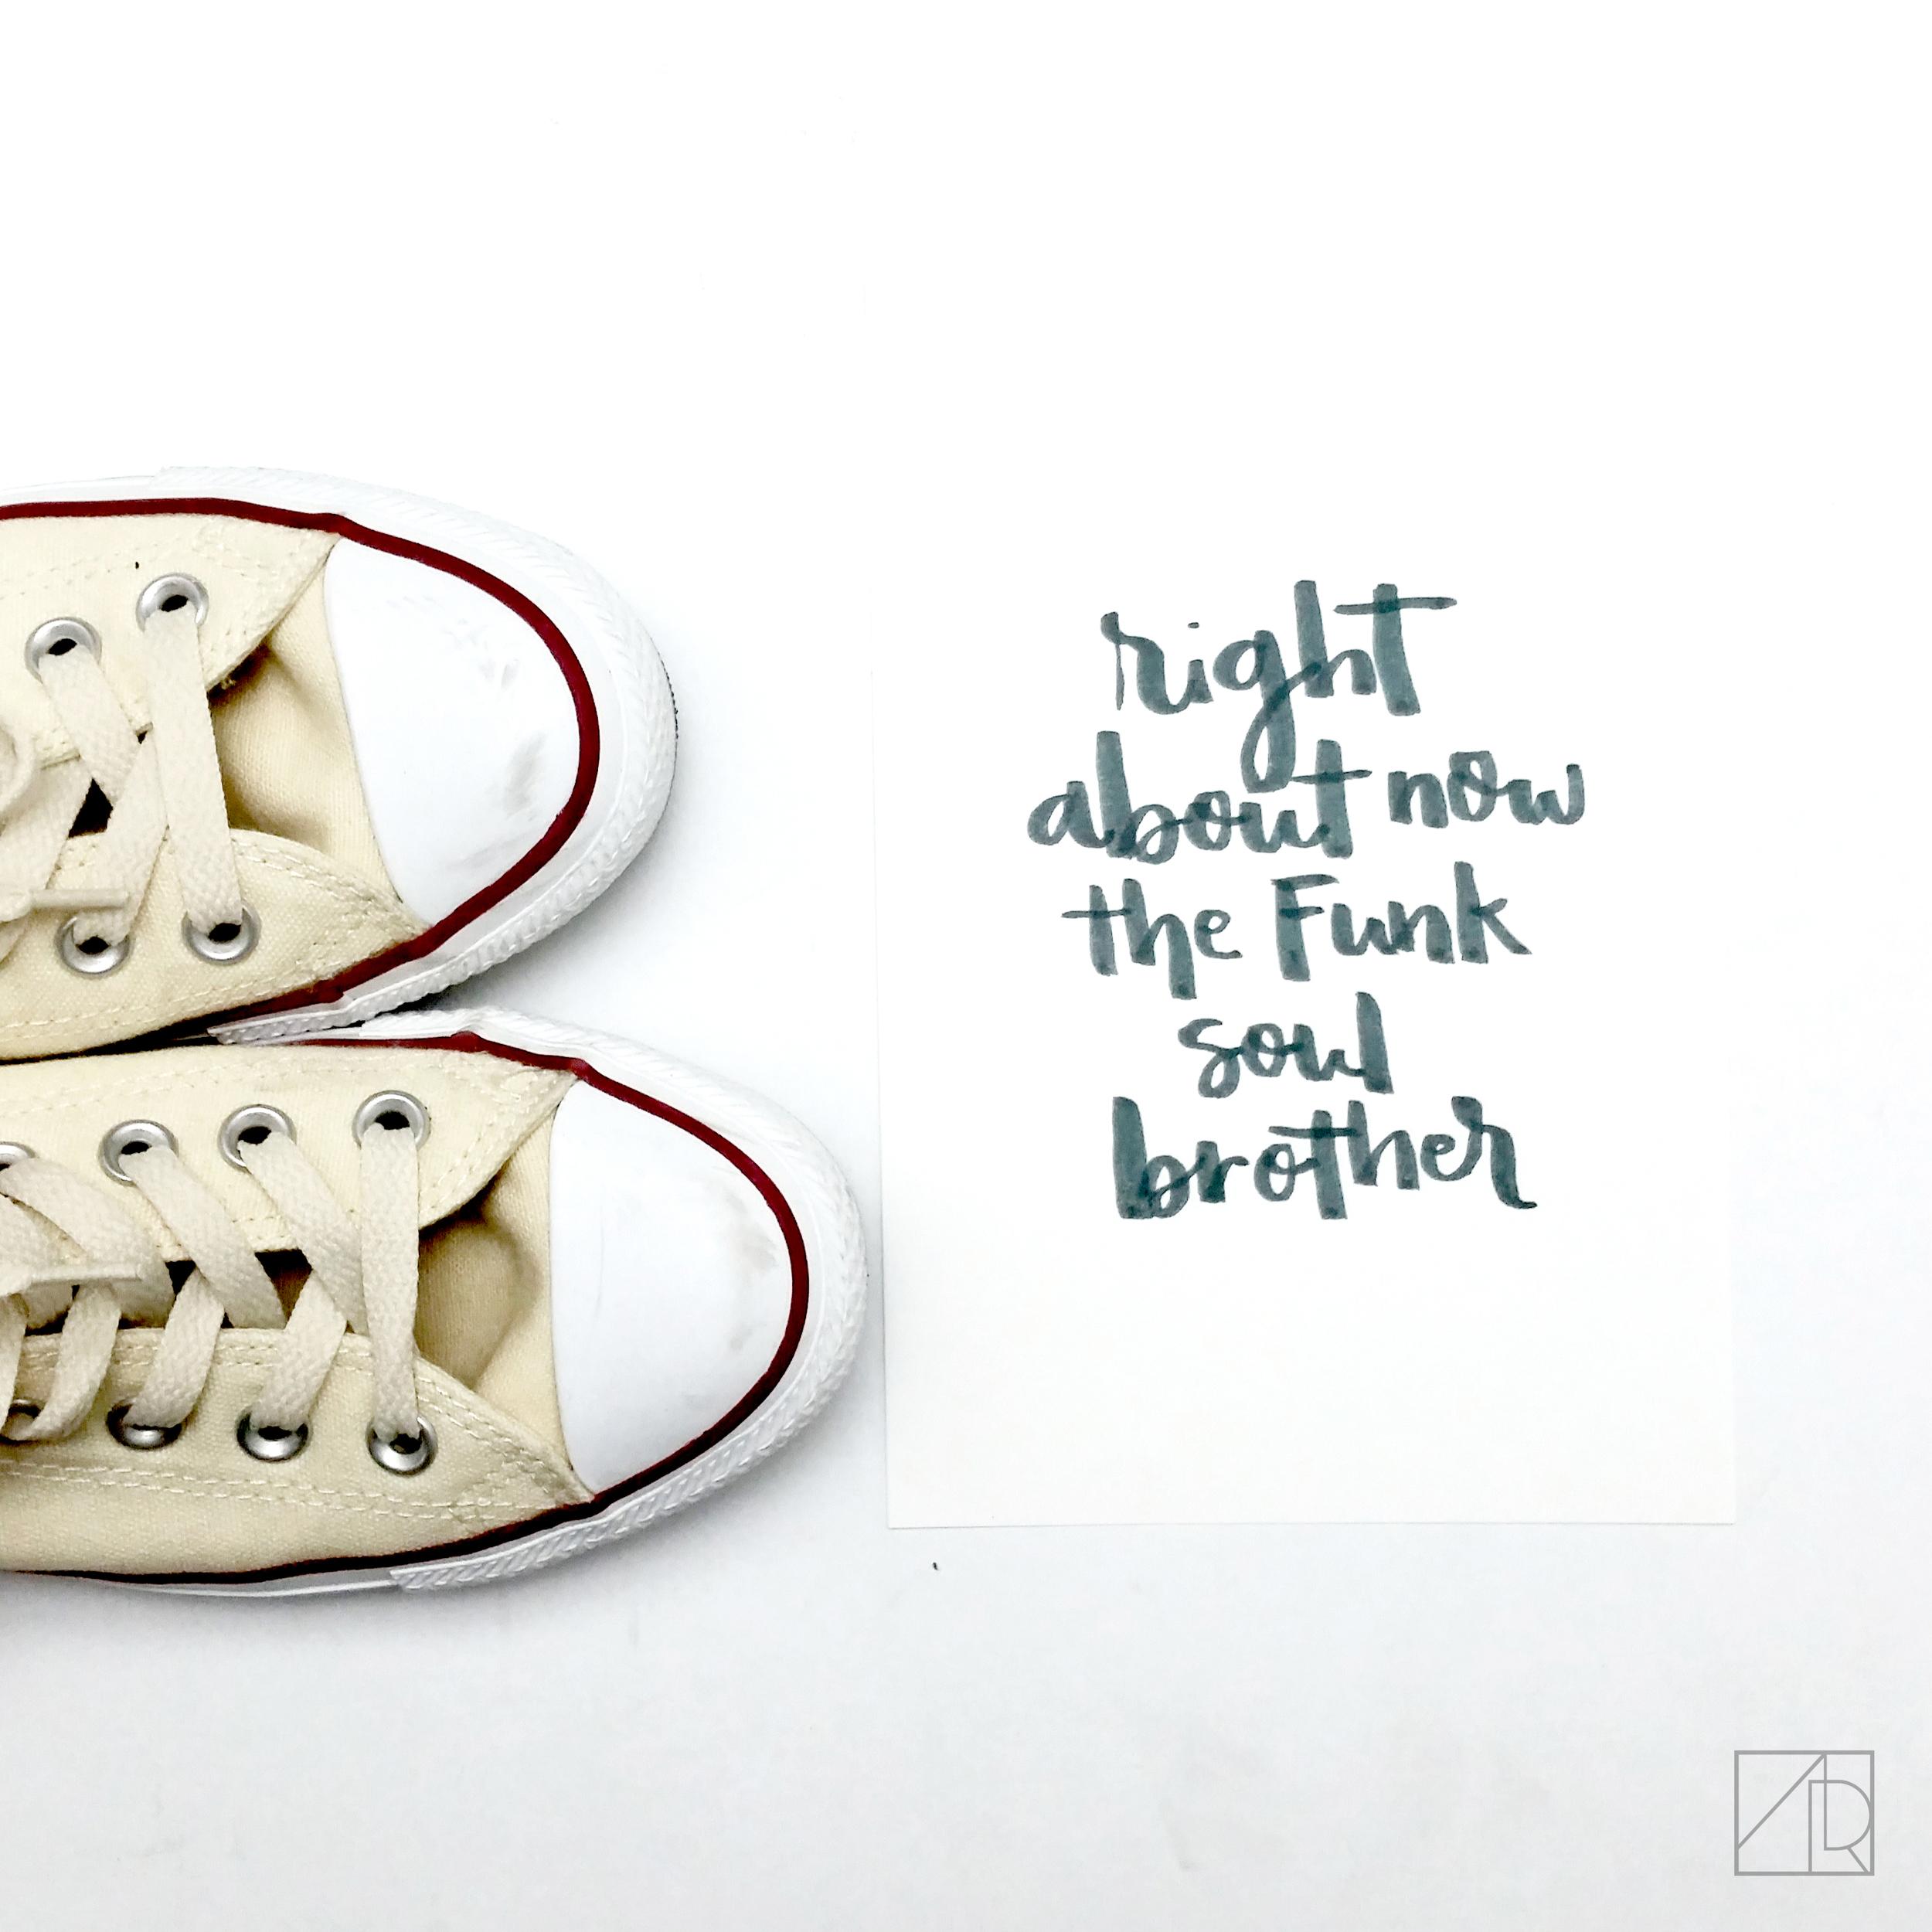 Rockafeller Skank by Fatboy Slim